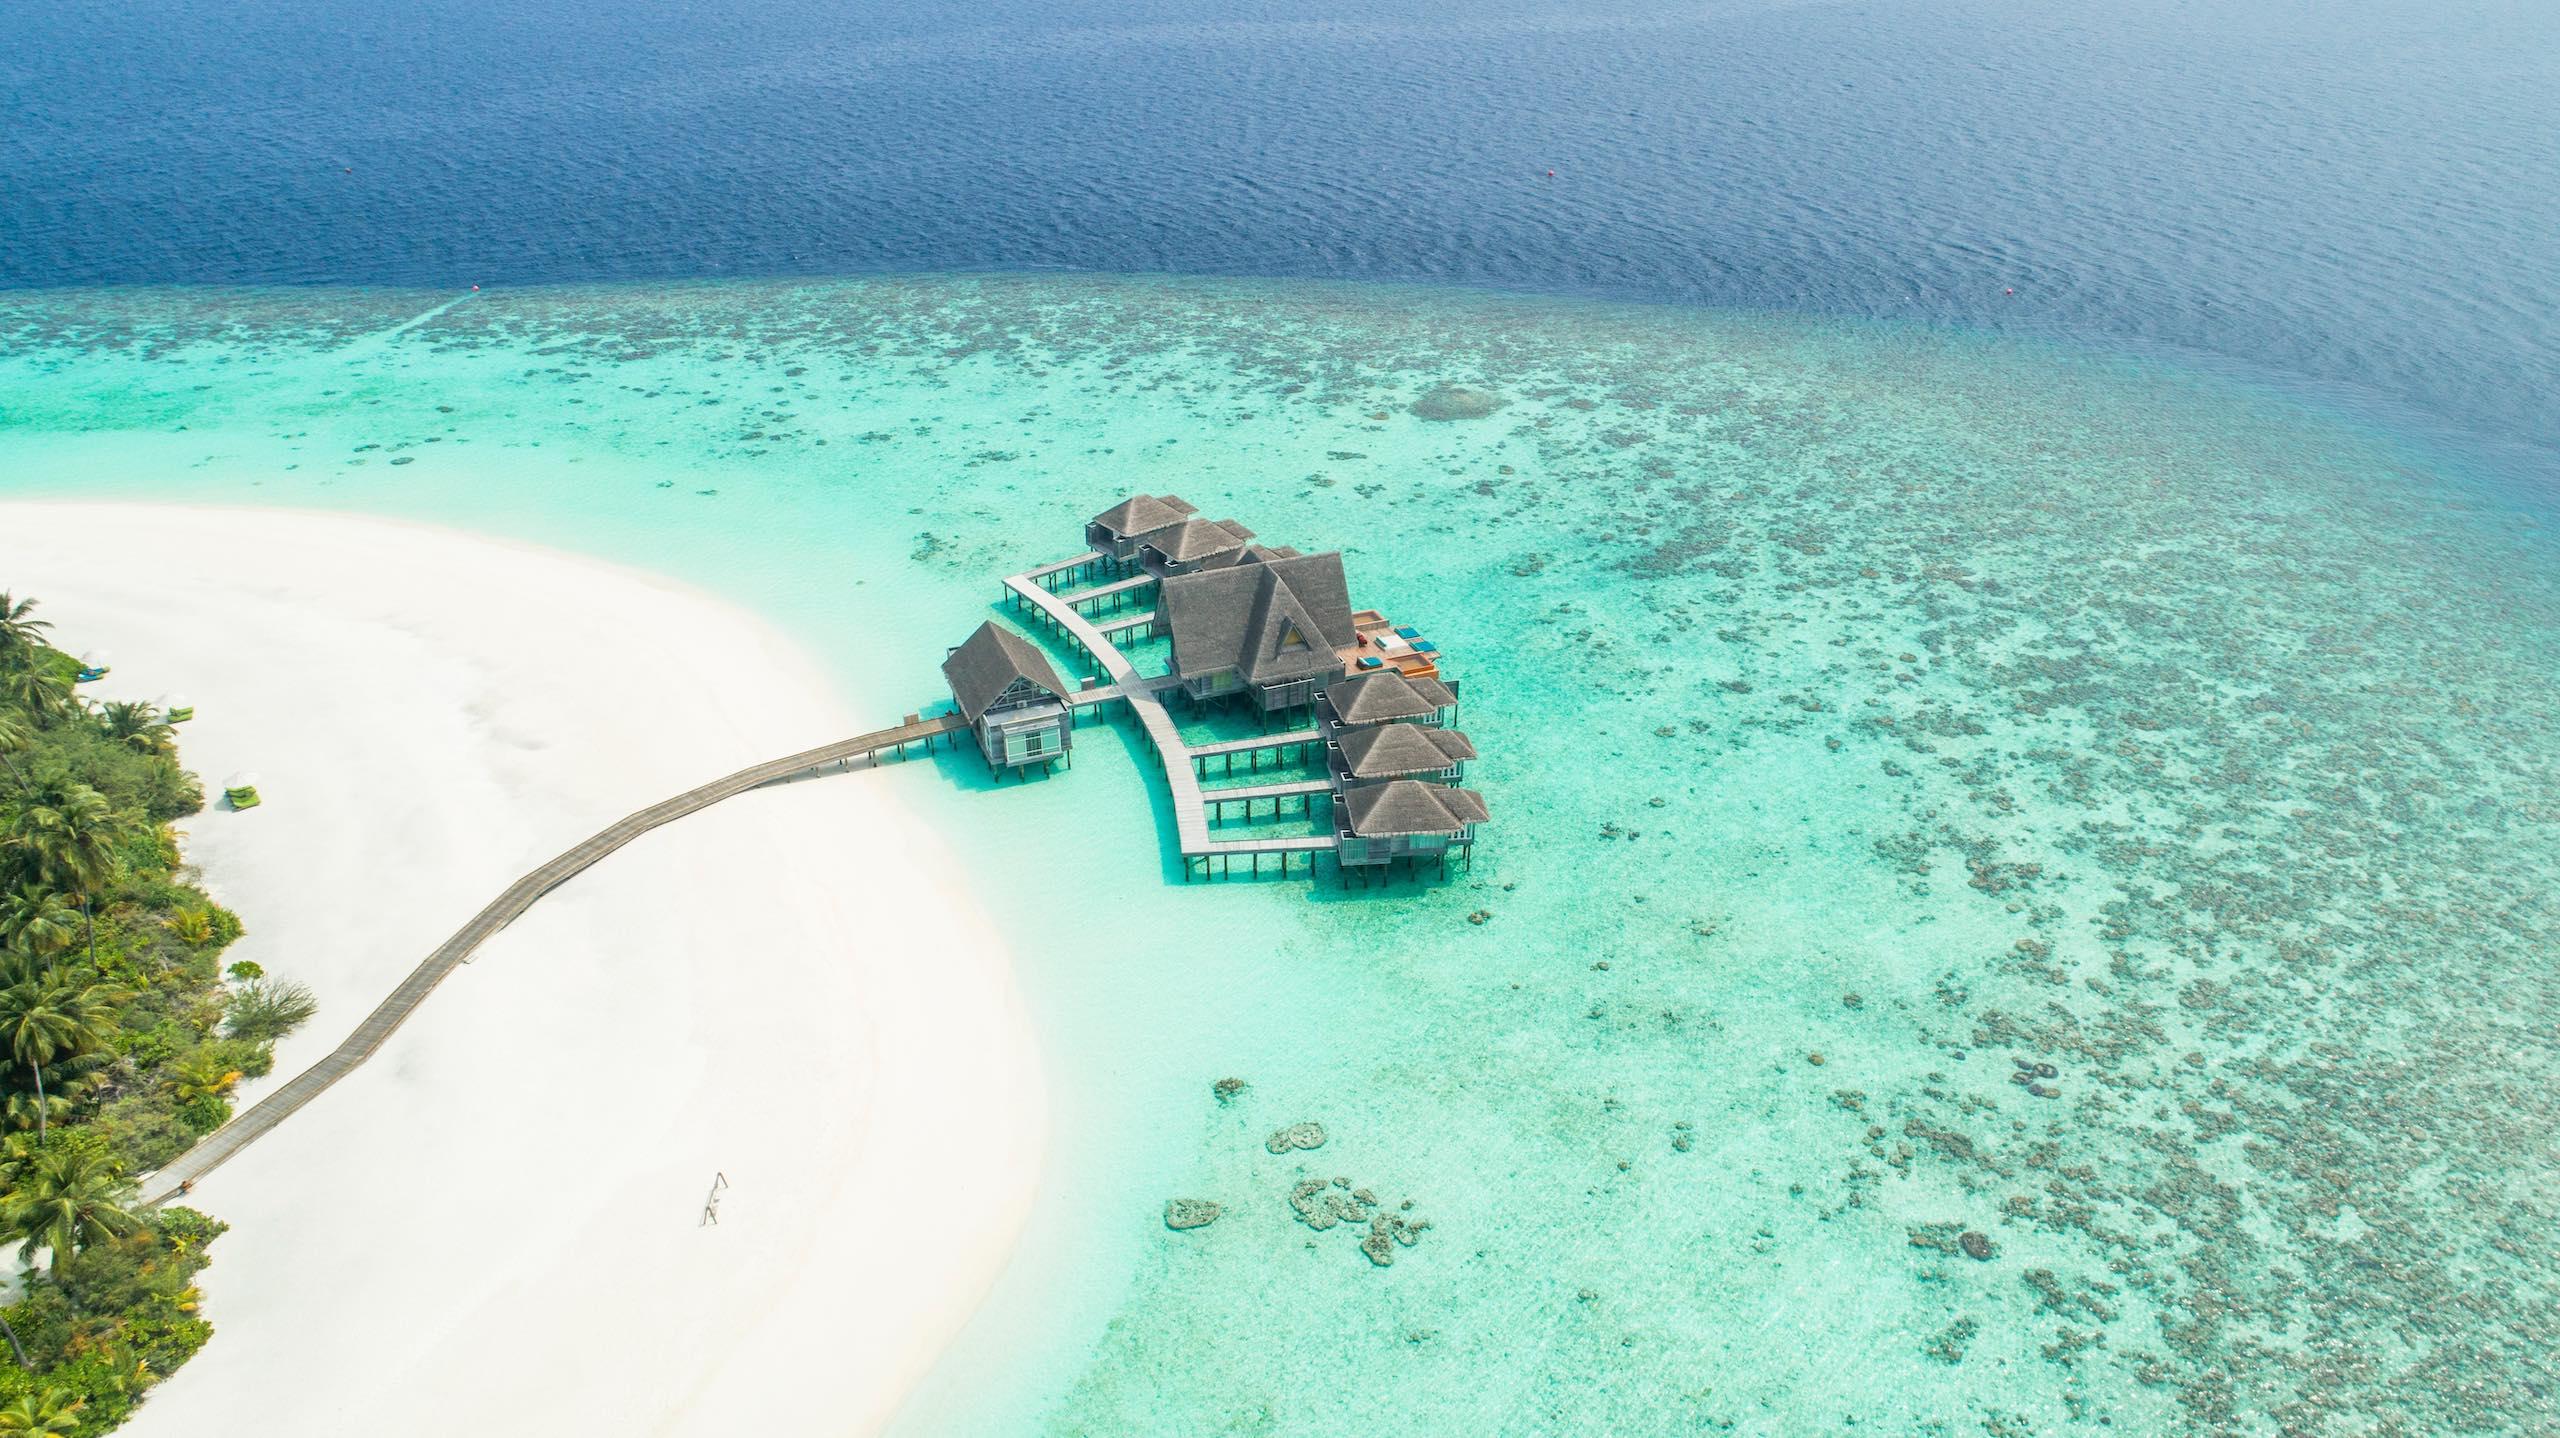 Kihavah Huravalhi Island Baa Atoll